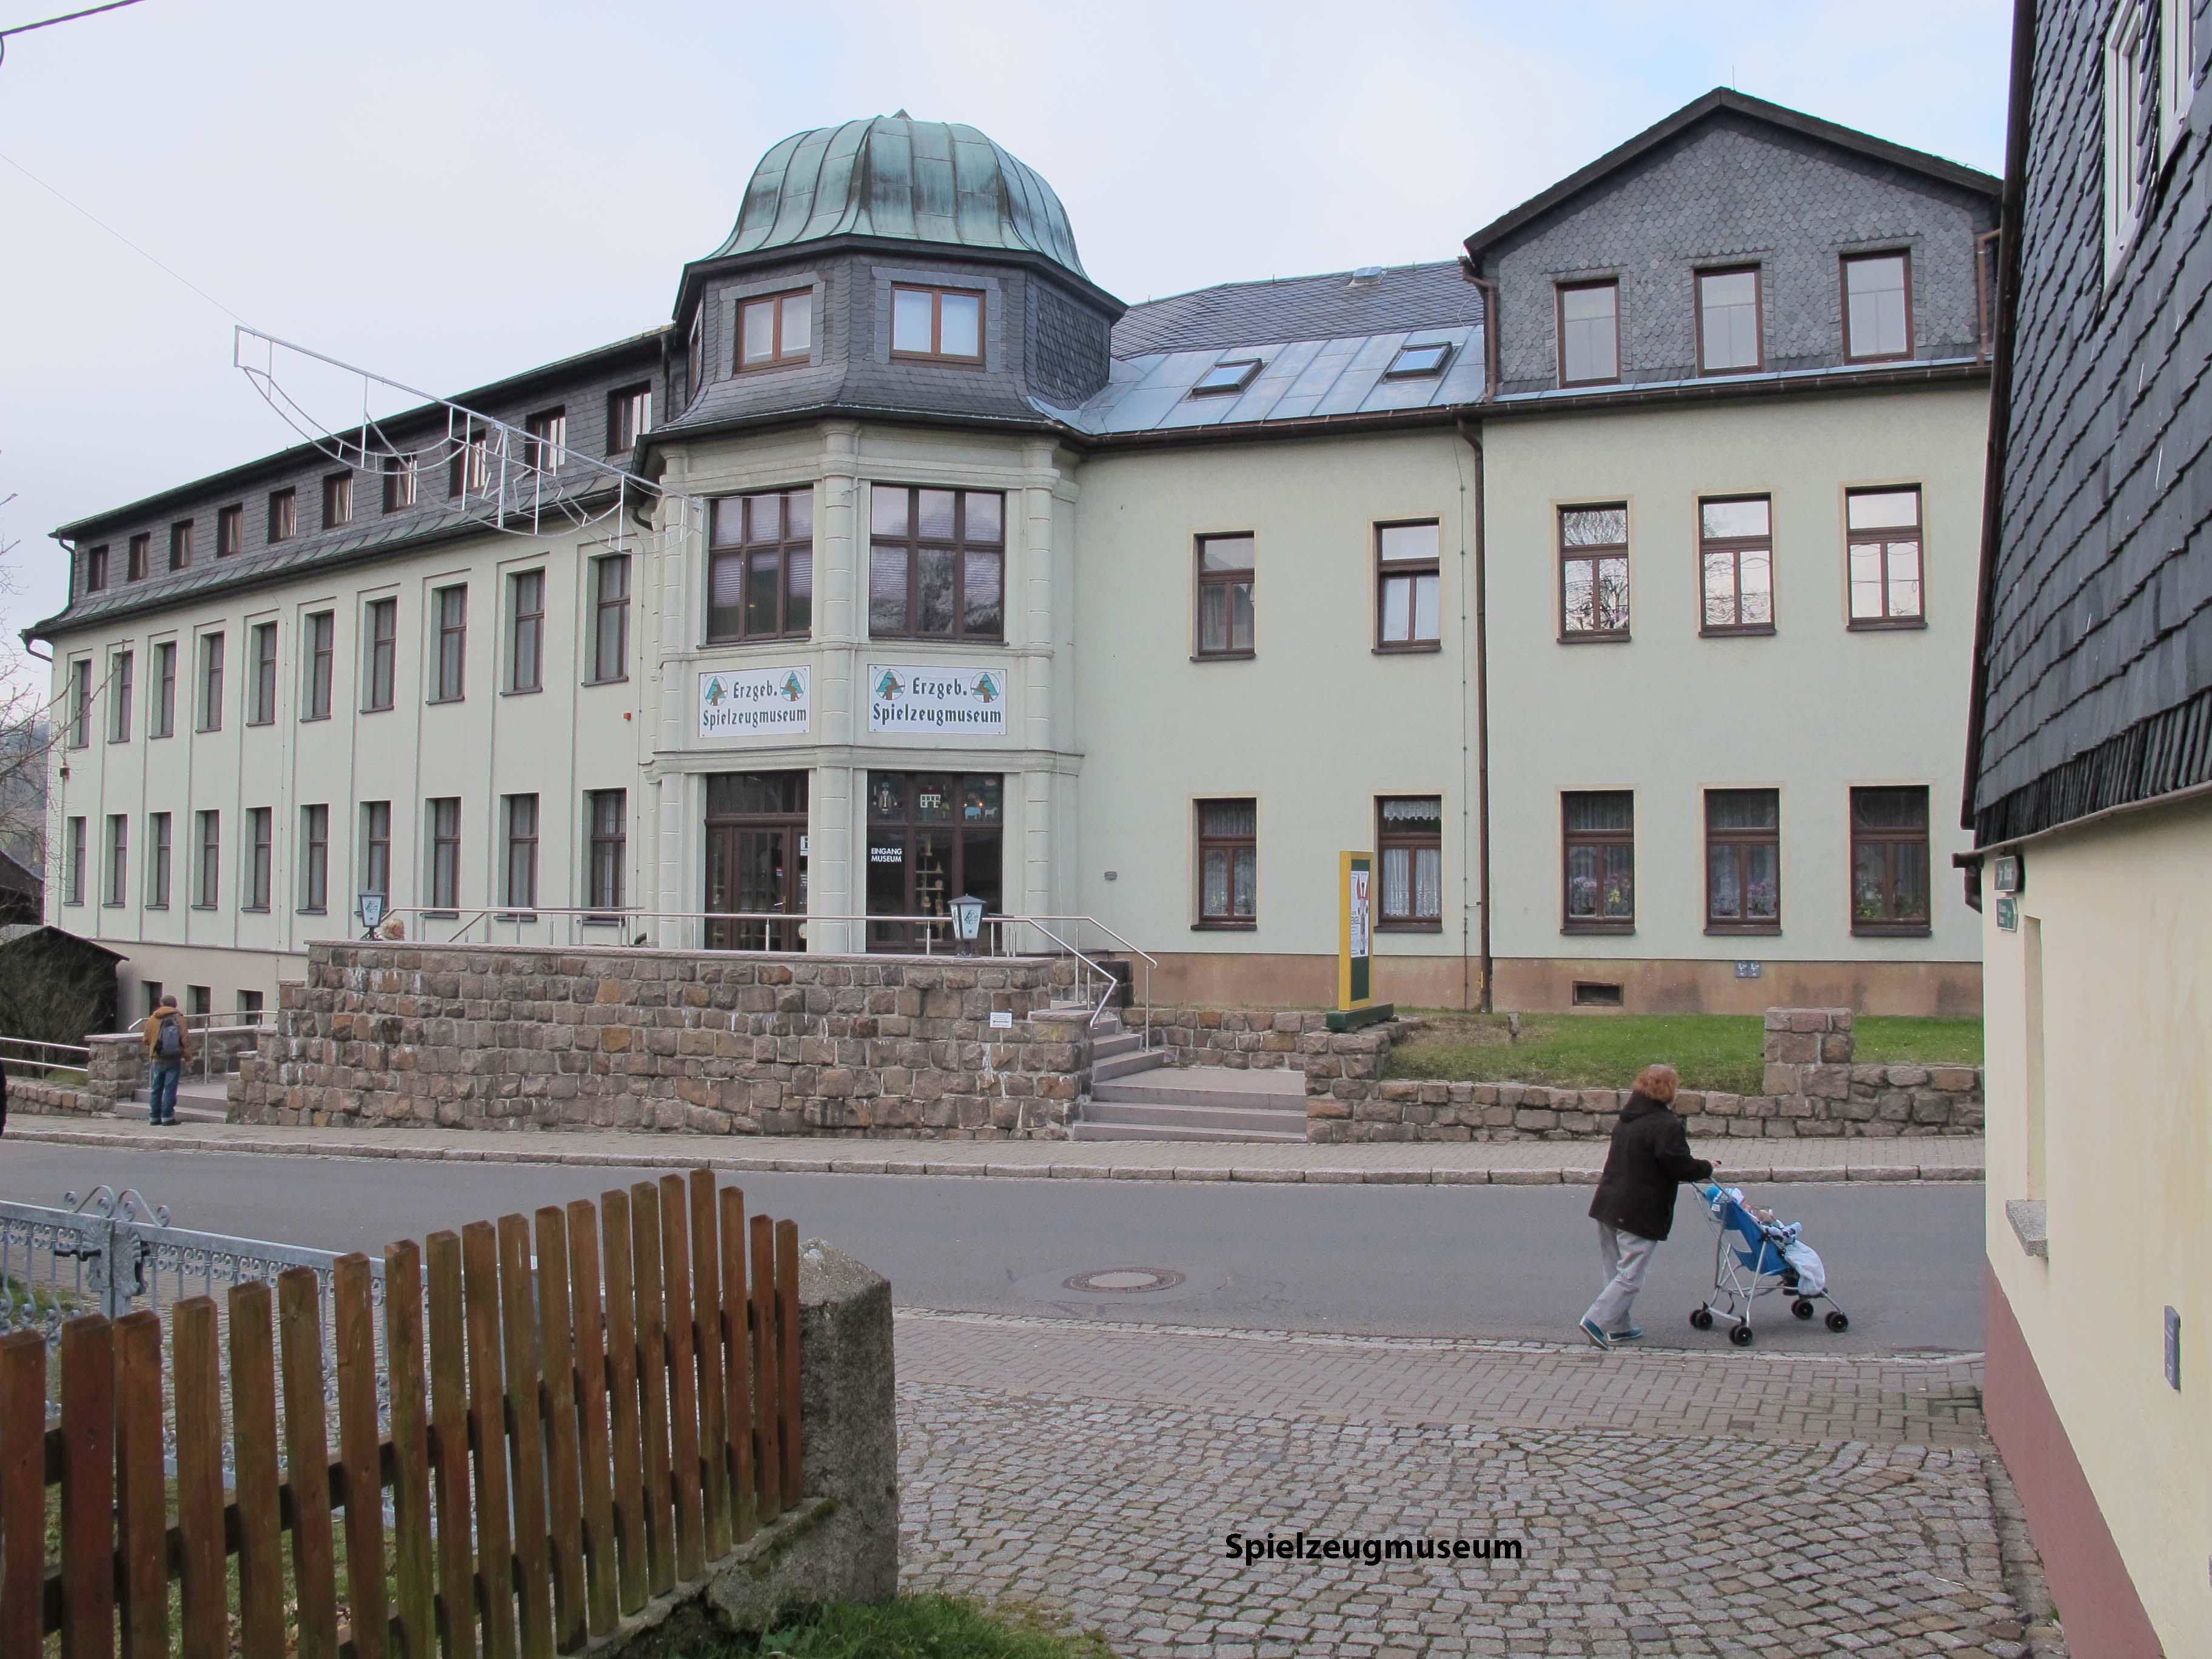 2Spielzeugmuseum